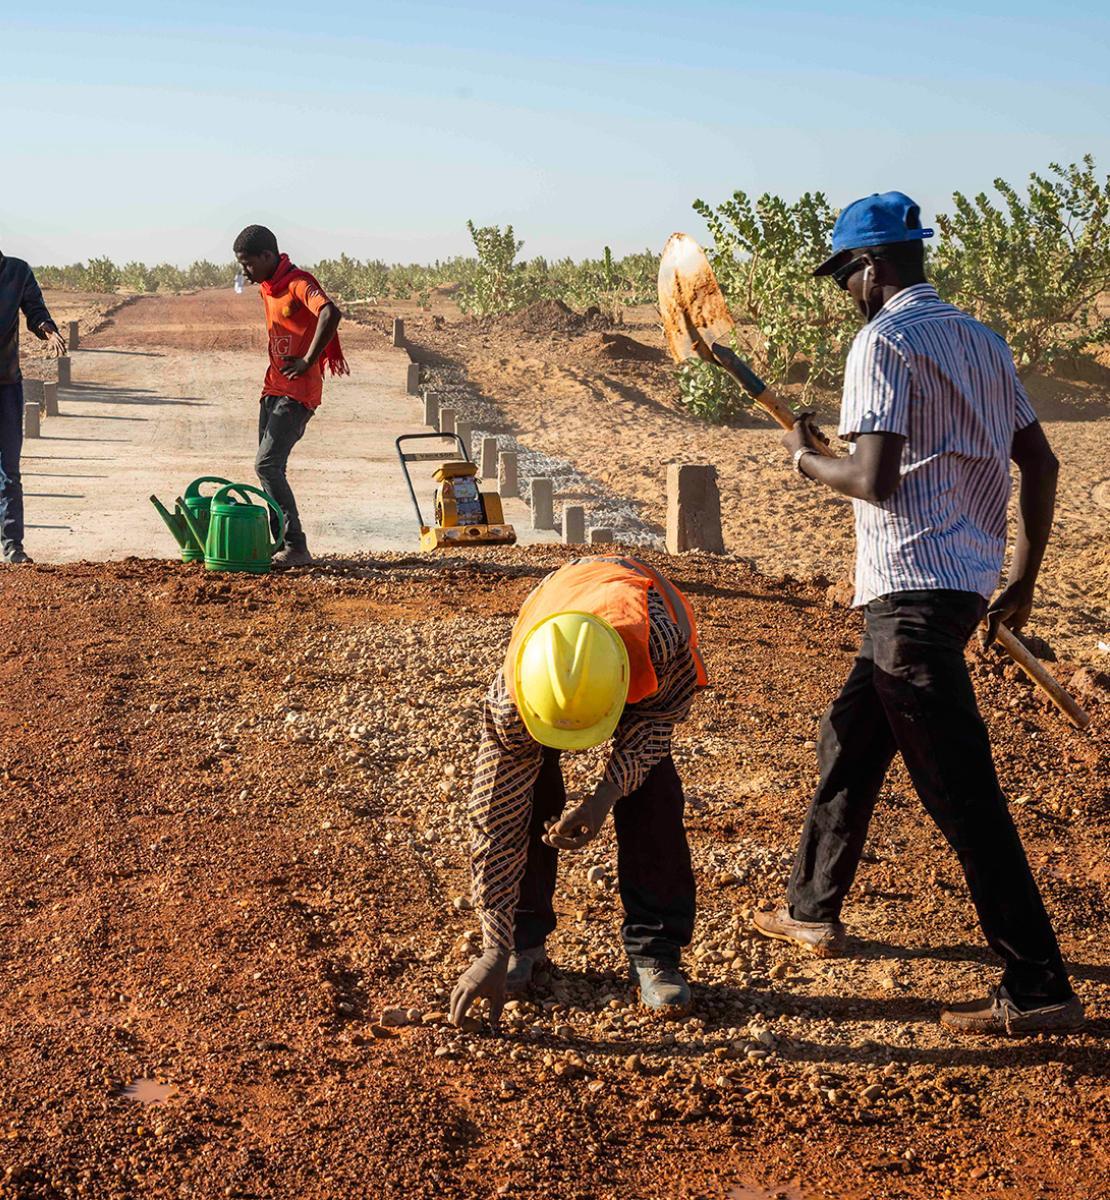 Quatre hommes travaillent à la construction d'une piste au milieu d'un terrain désertique parsemé d'arbustes.